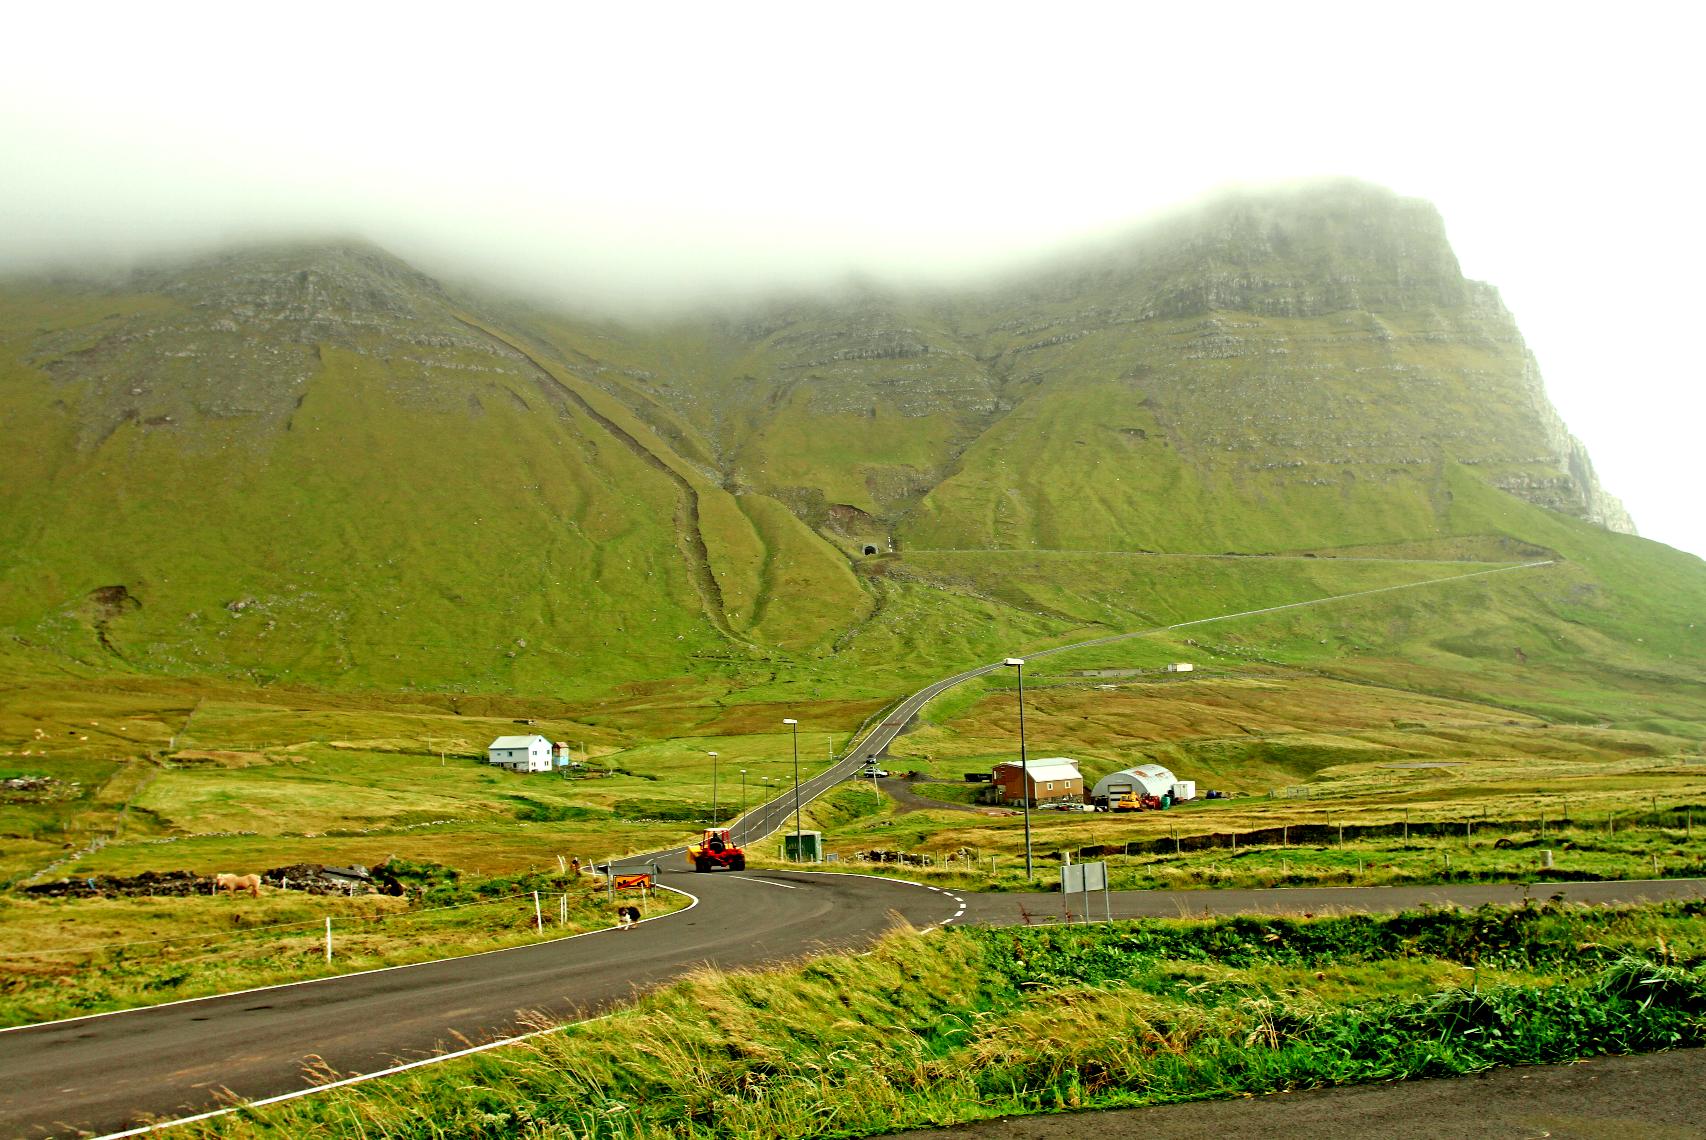 Tidligere måtte man ta bena fatt over fjellet for å komme til sivilasjonen. Nå går det tunnel fra Bøer til Gasadalur. Den lille åpningen sees midt i bildet.